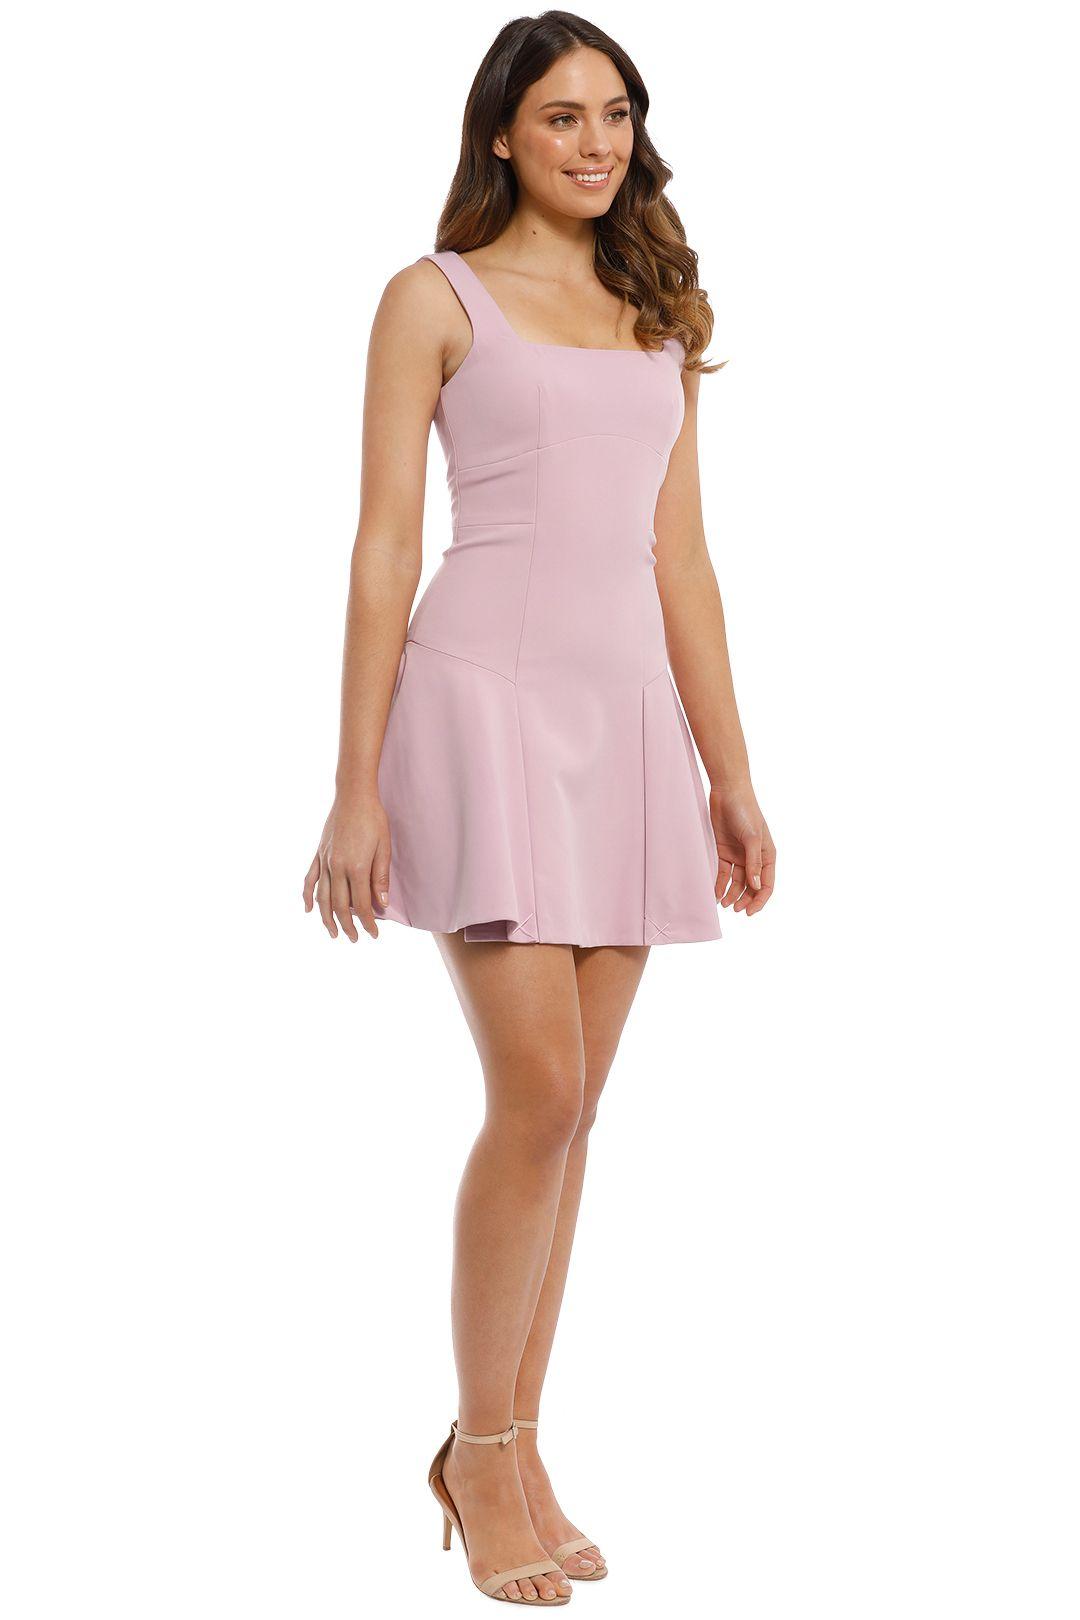 Elliatt - Pavia Dress - Blush - Side